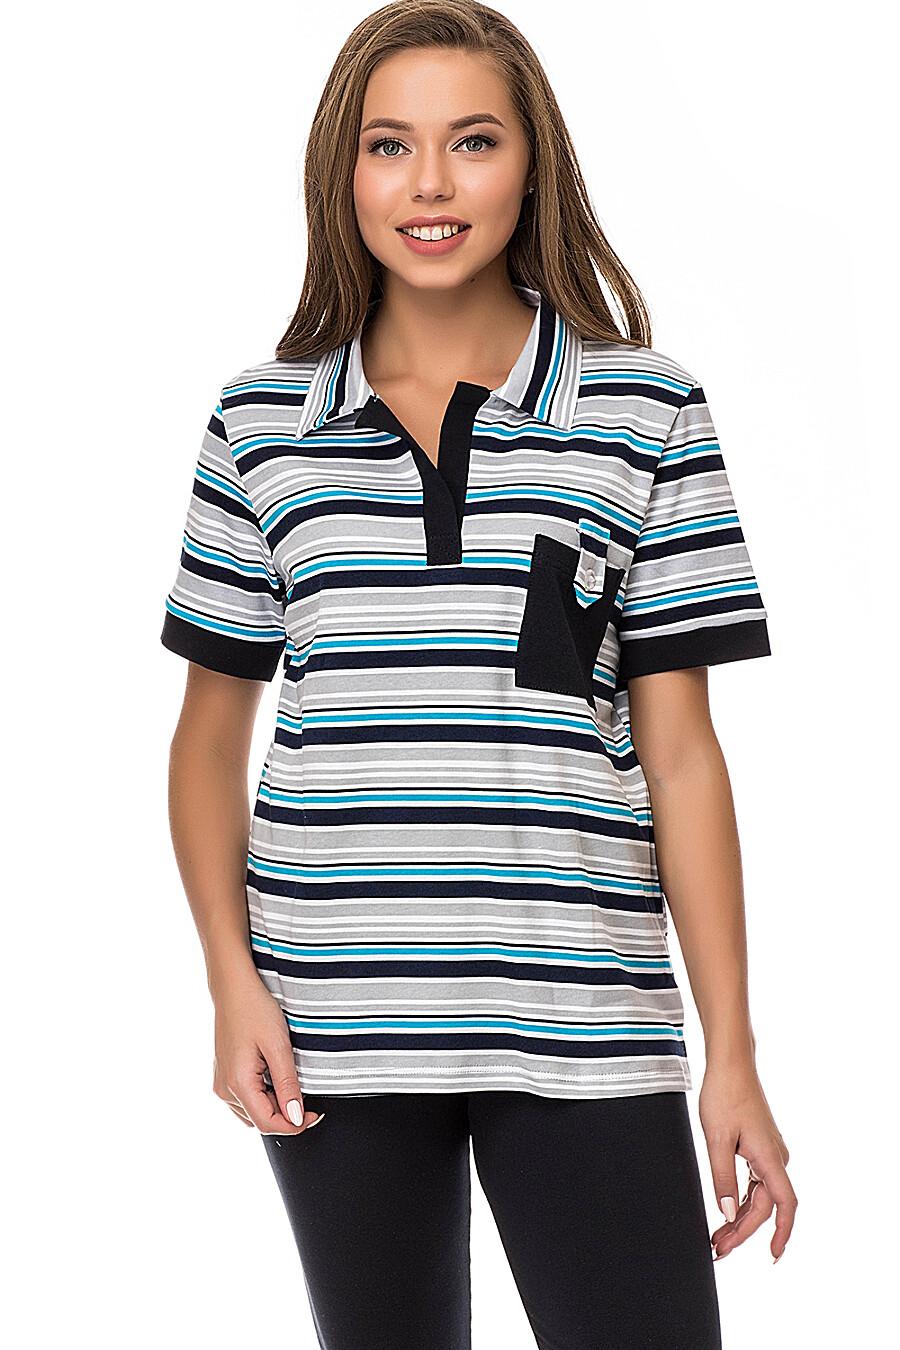 Домашний костюм (футболка+бриджи) #73160